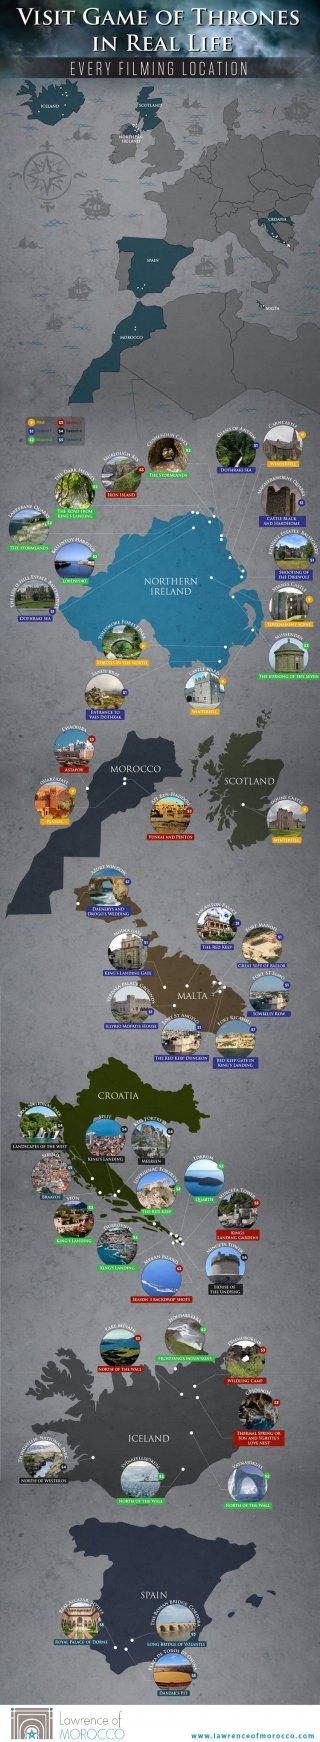 Il trono di spade: la mappa delle location